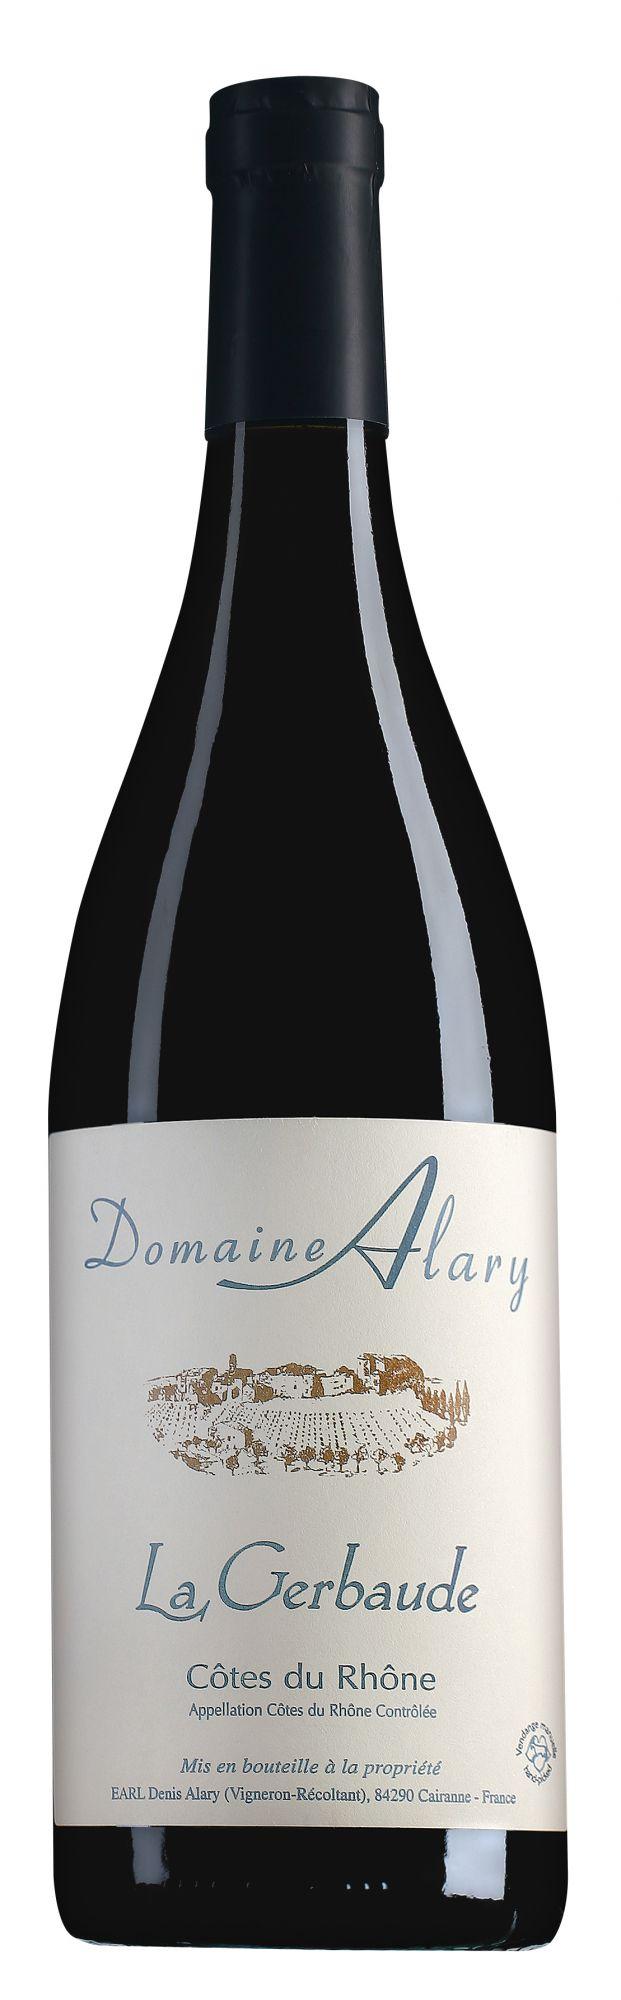 Domaine Alary Côtes du Rhône La Gerbaude